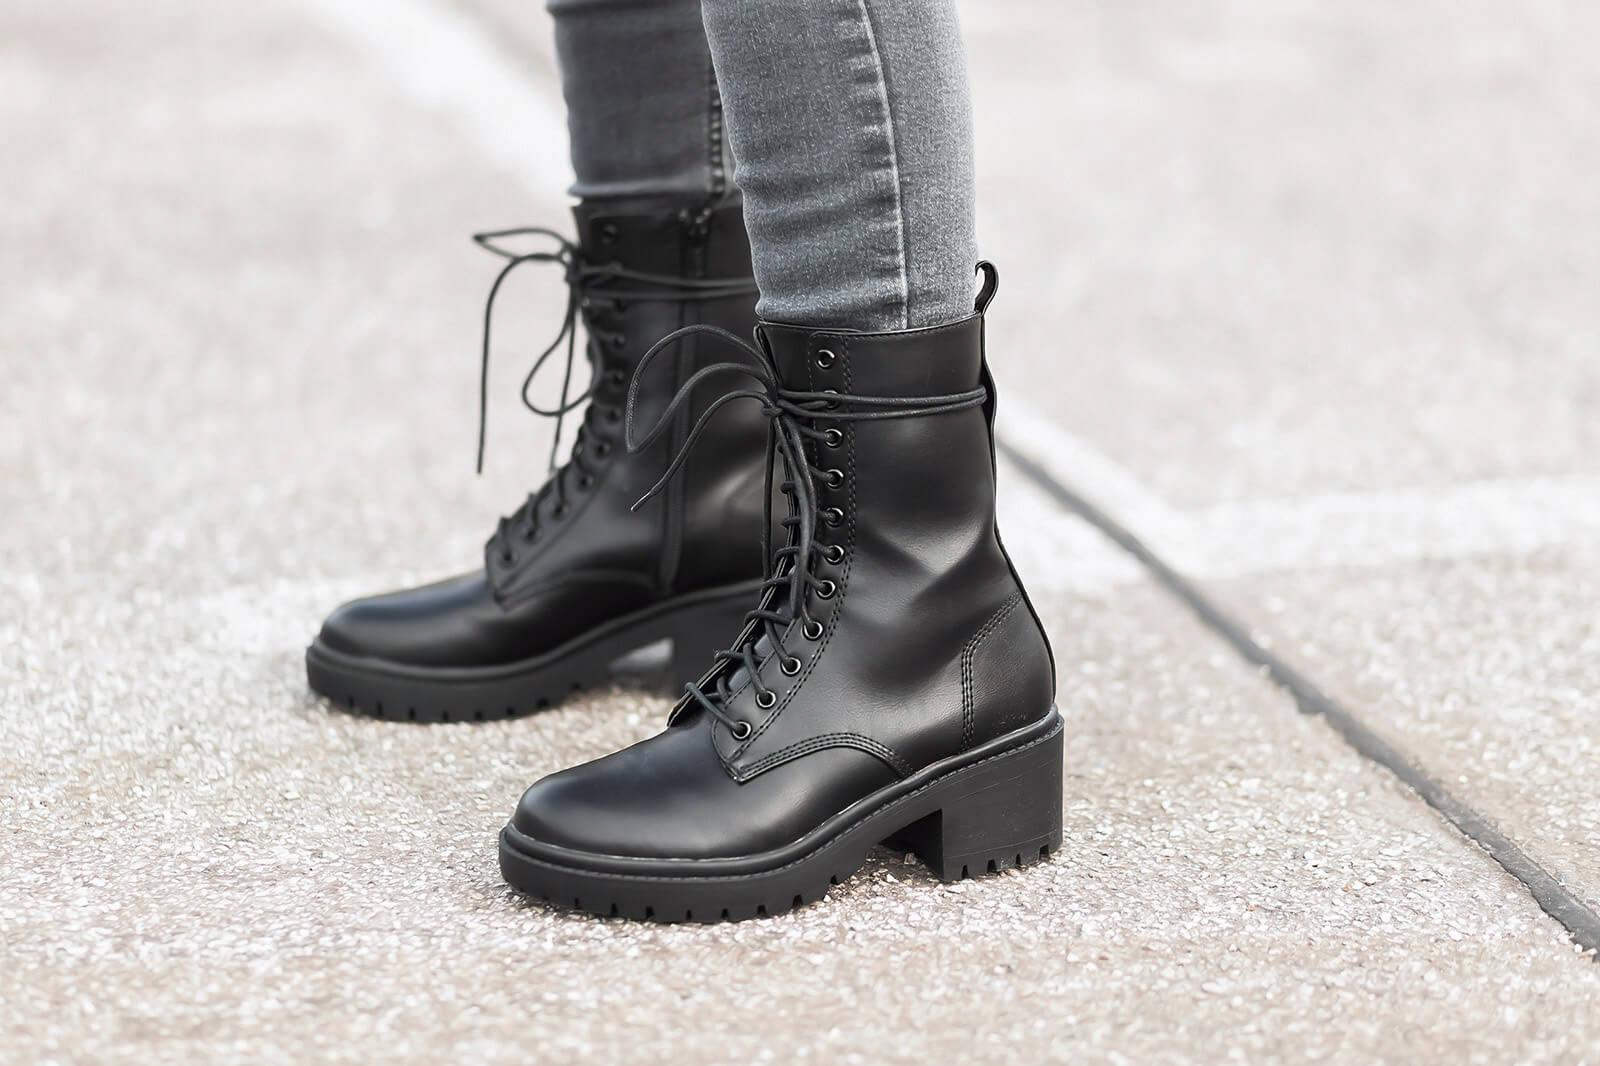 Schuhe für den Übergang, Derbe Boots, Schuhtrends Frühling 2021, Shoelove by Deichmann